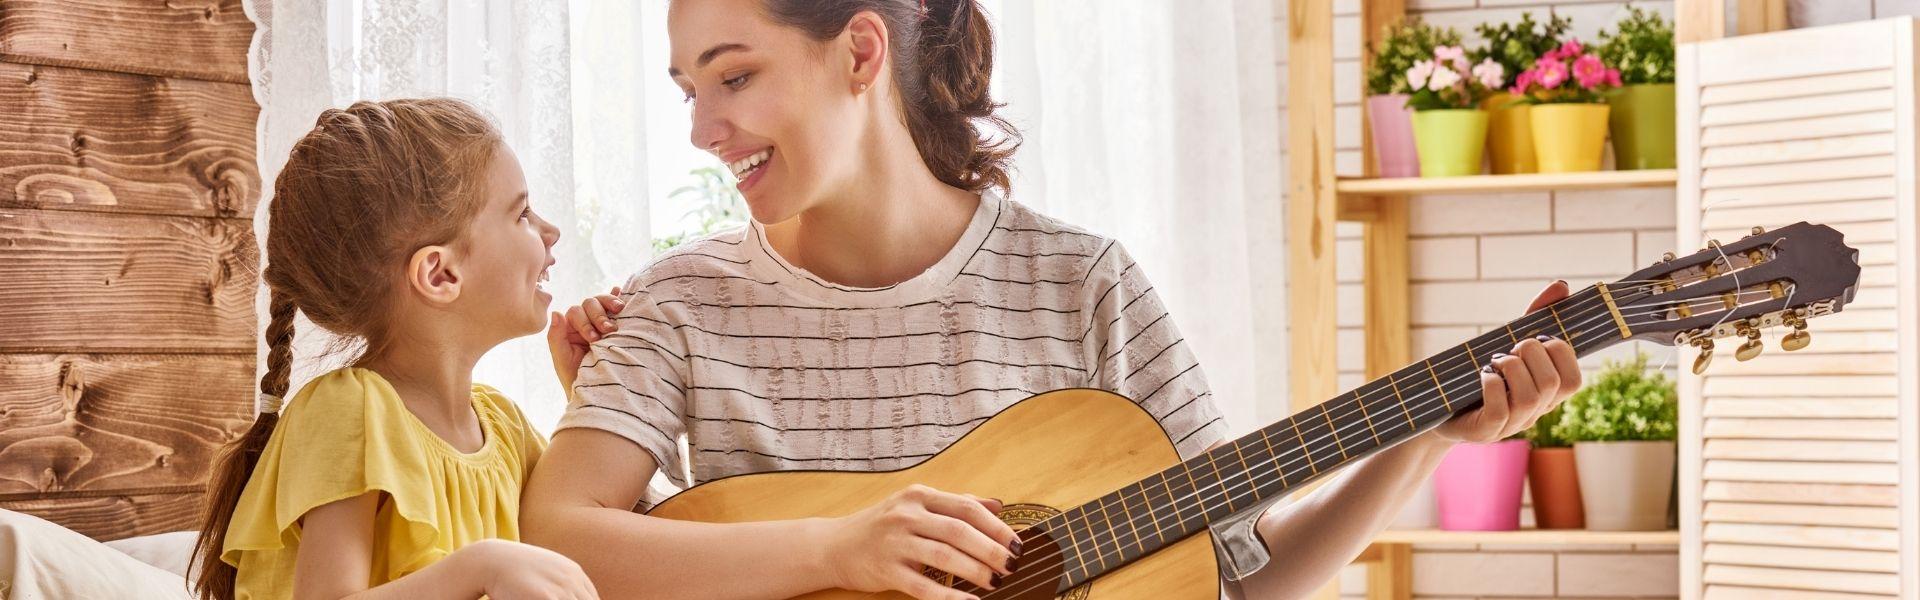 Gitarre, Kinderlieder